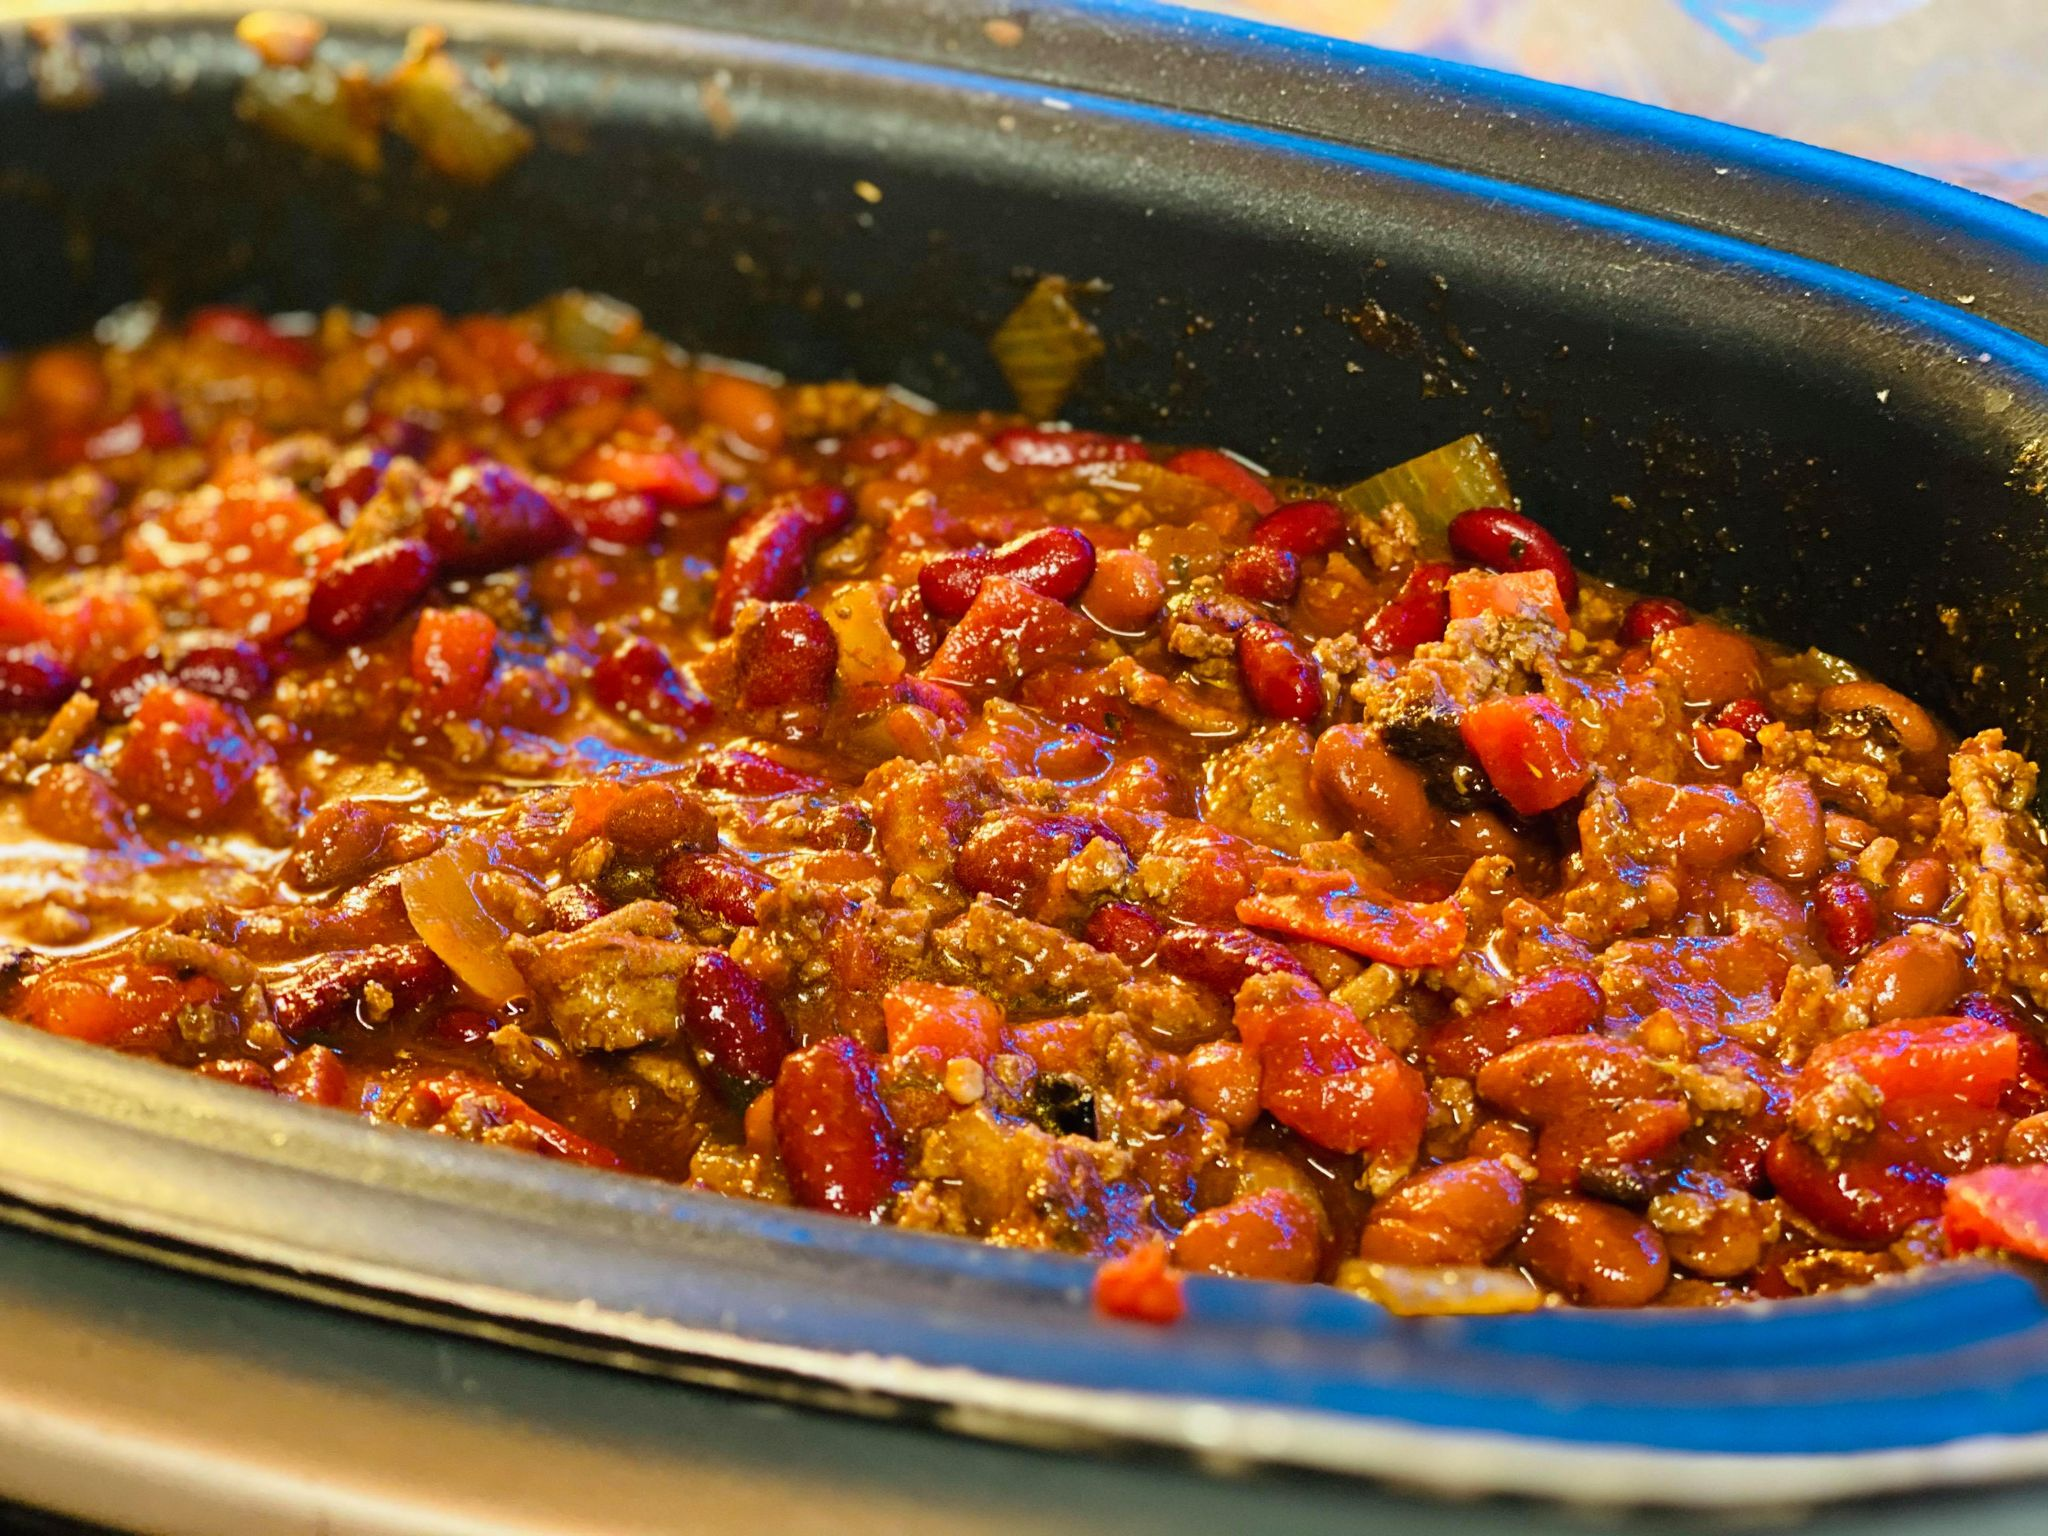 Delicious Crockpot Chili Recipe You'll Love!